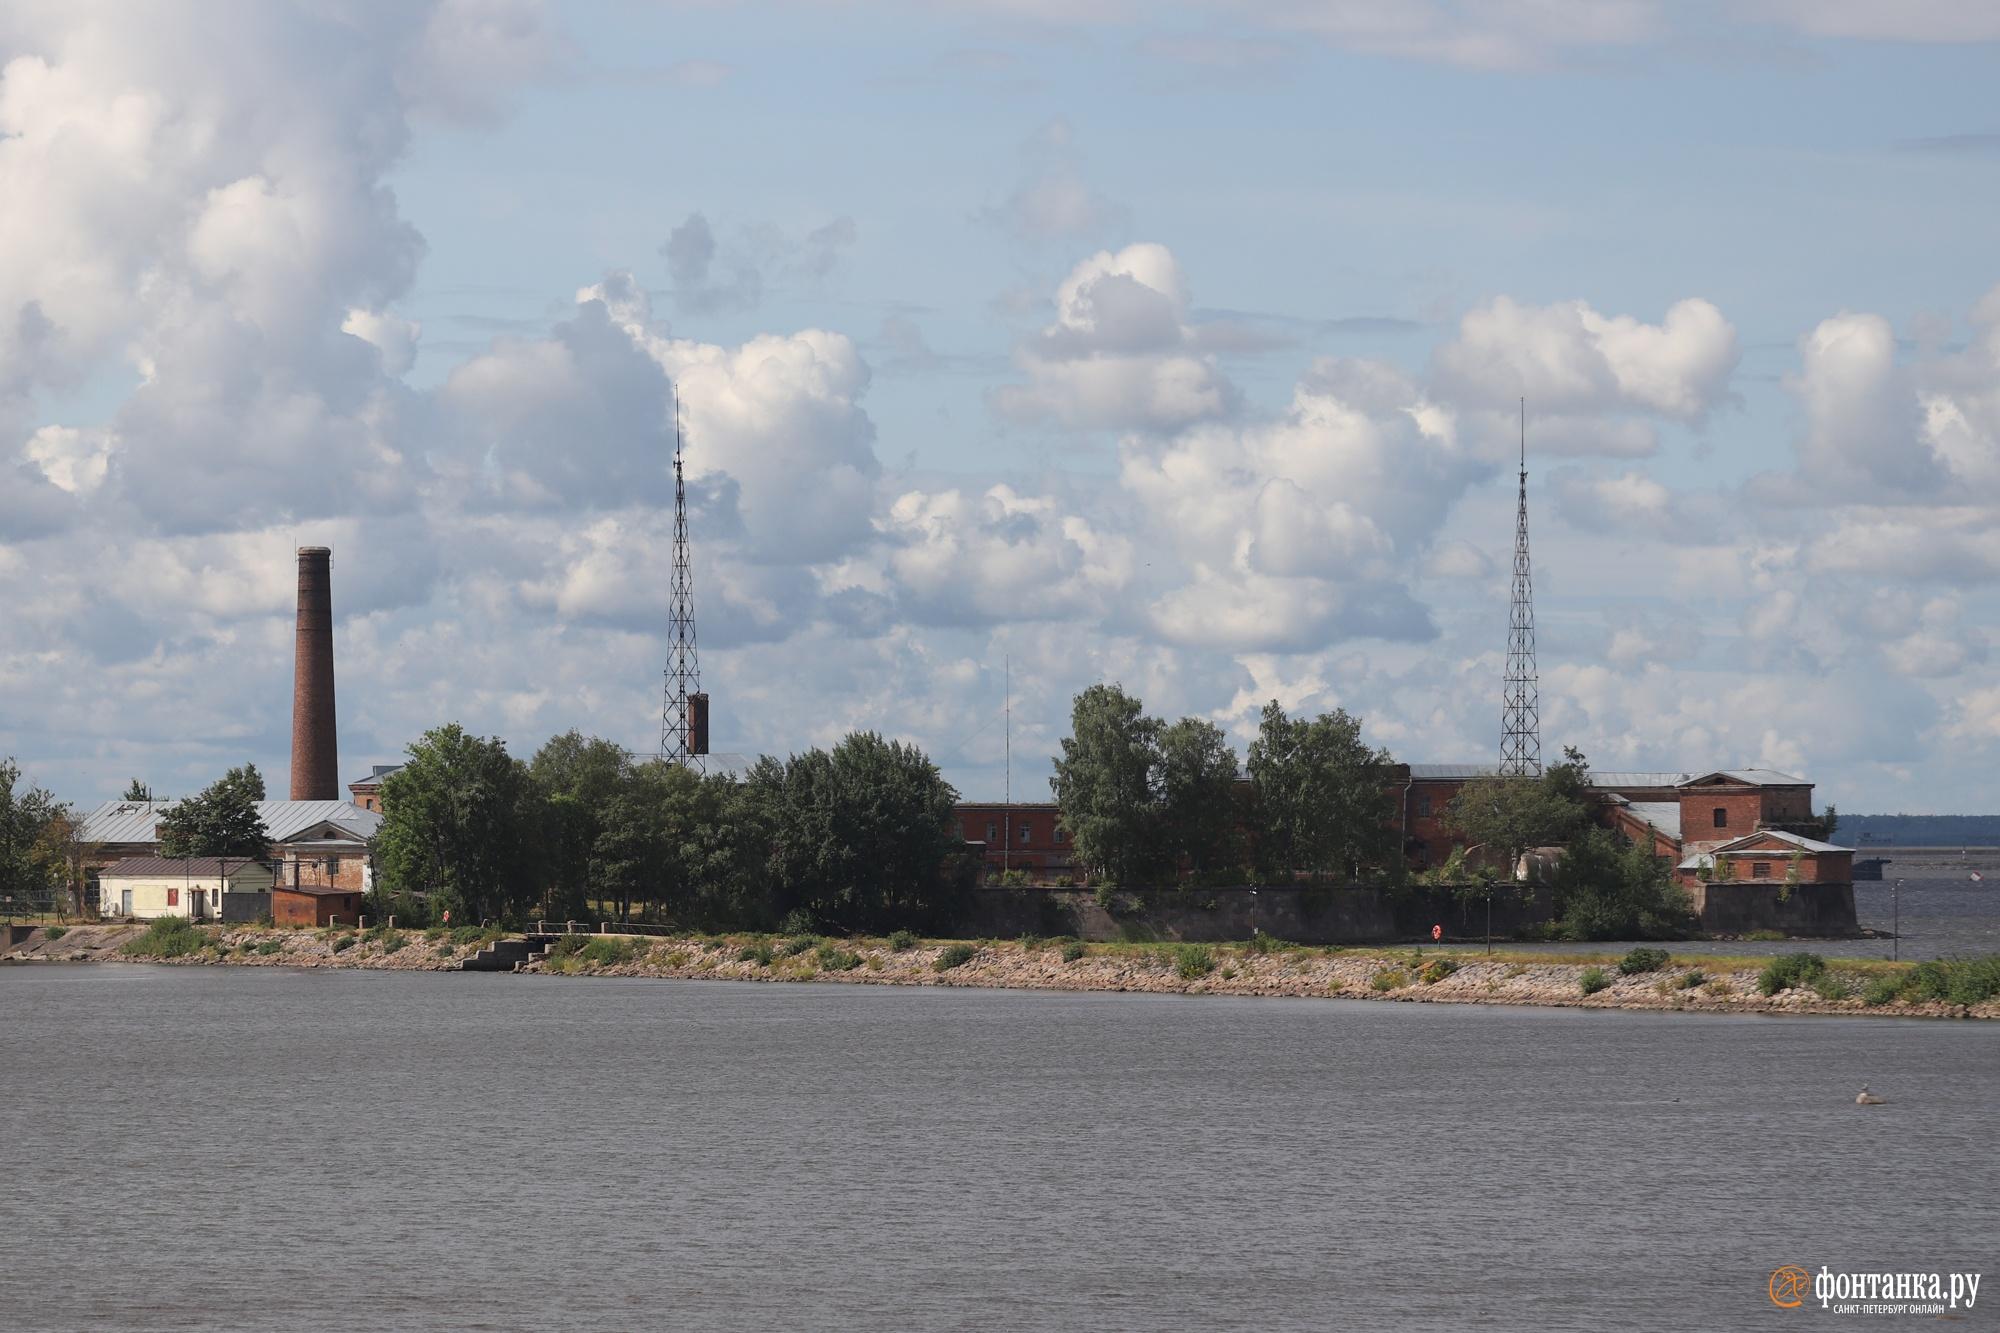 Вид со смотровой площадки <br /><br />автор фото Сергей Михайличенко/«Фонтанка.ру»